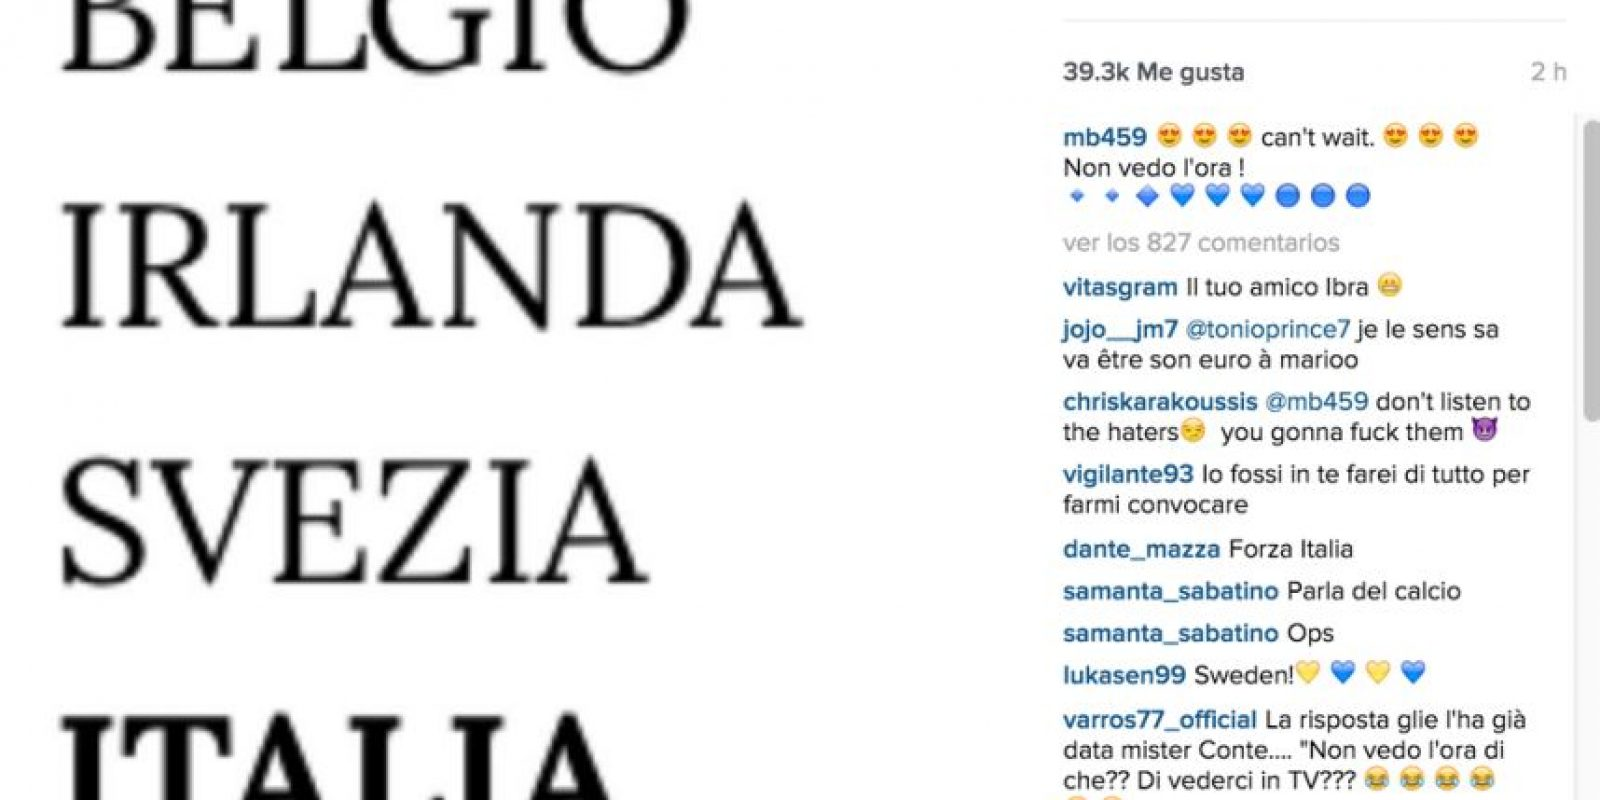 Tras el sorteo de la Eurocopa, Mario Balotelli se mostró emocionado por ir con Italia a esta competencia, pero… Antonio Conte le quitó la ilusión rápidamente. Foto:Vía instagram.com/mb459